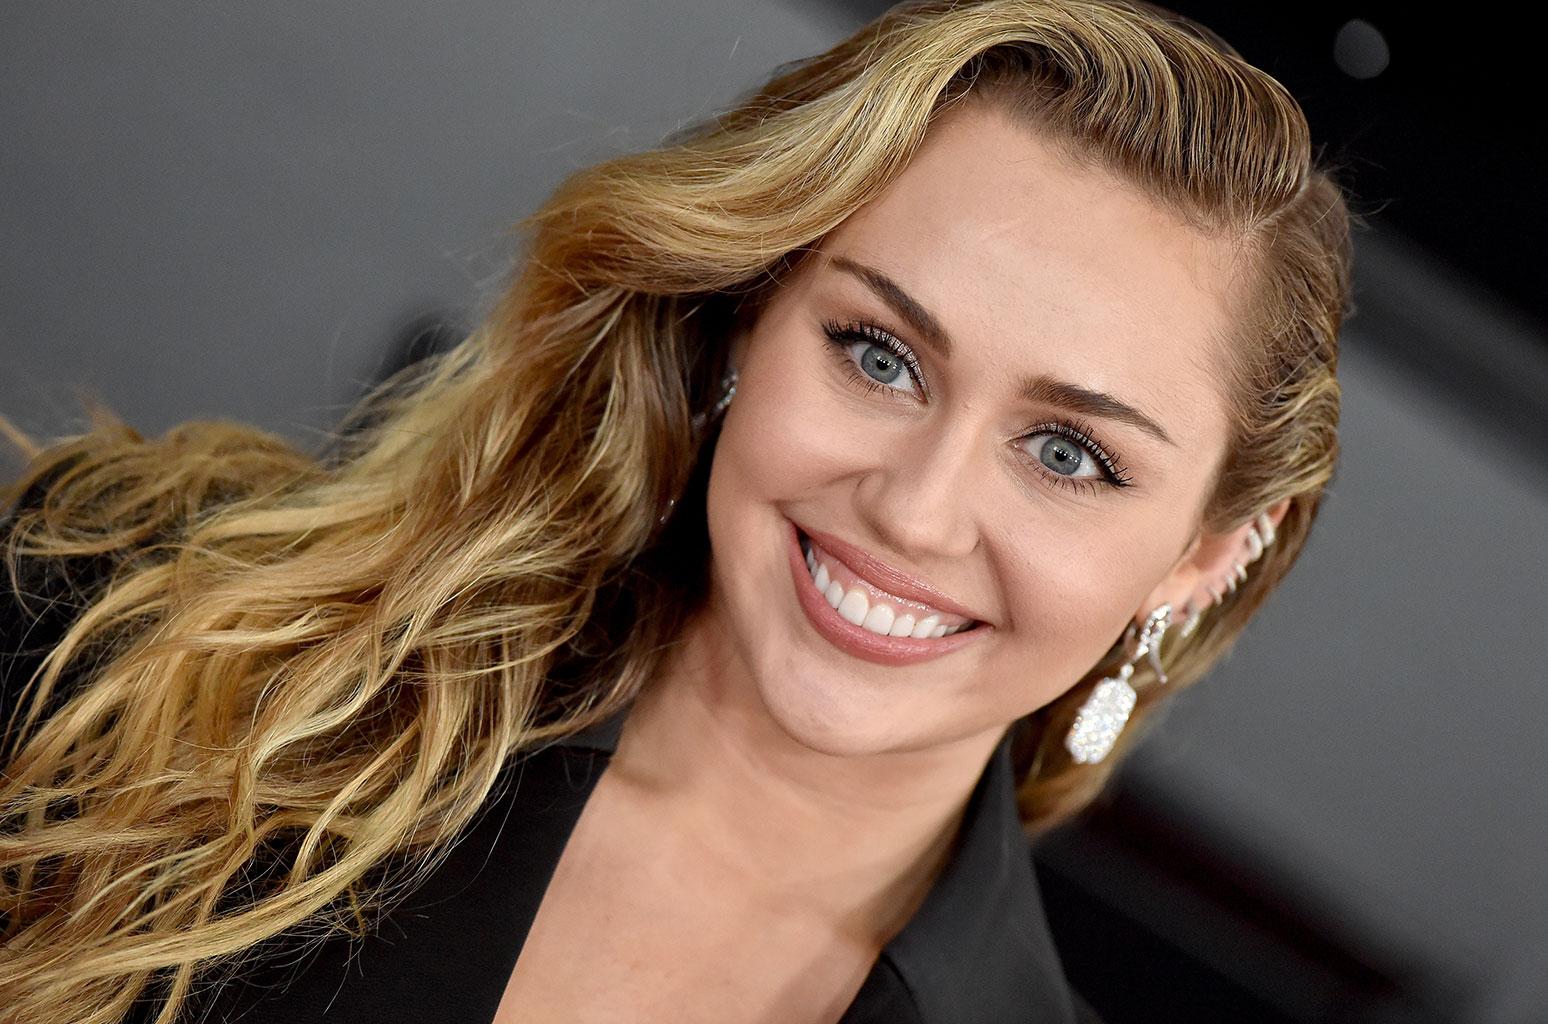 Miley Cyrus é criticada depois de comentário homofóbico (Foto: Reprodução)